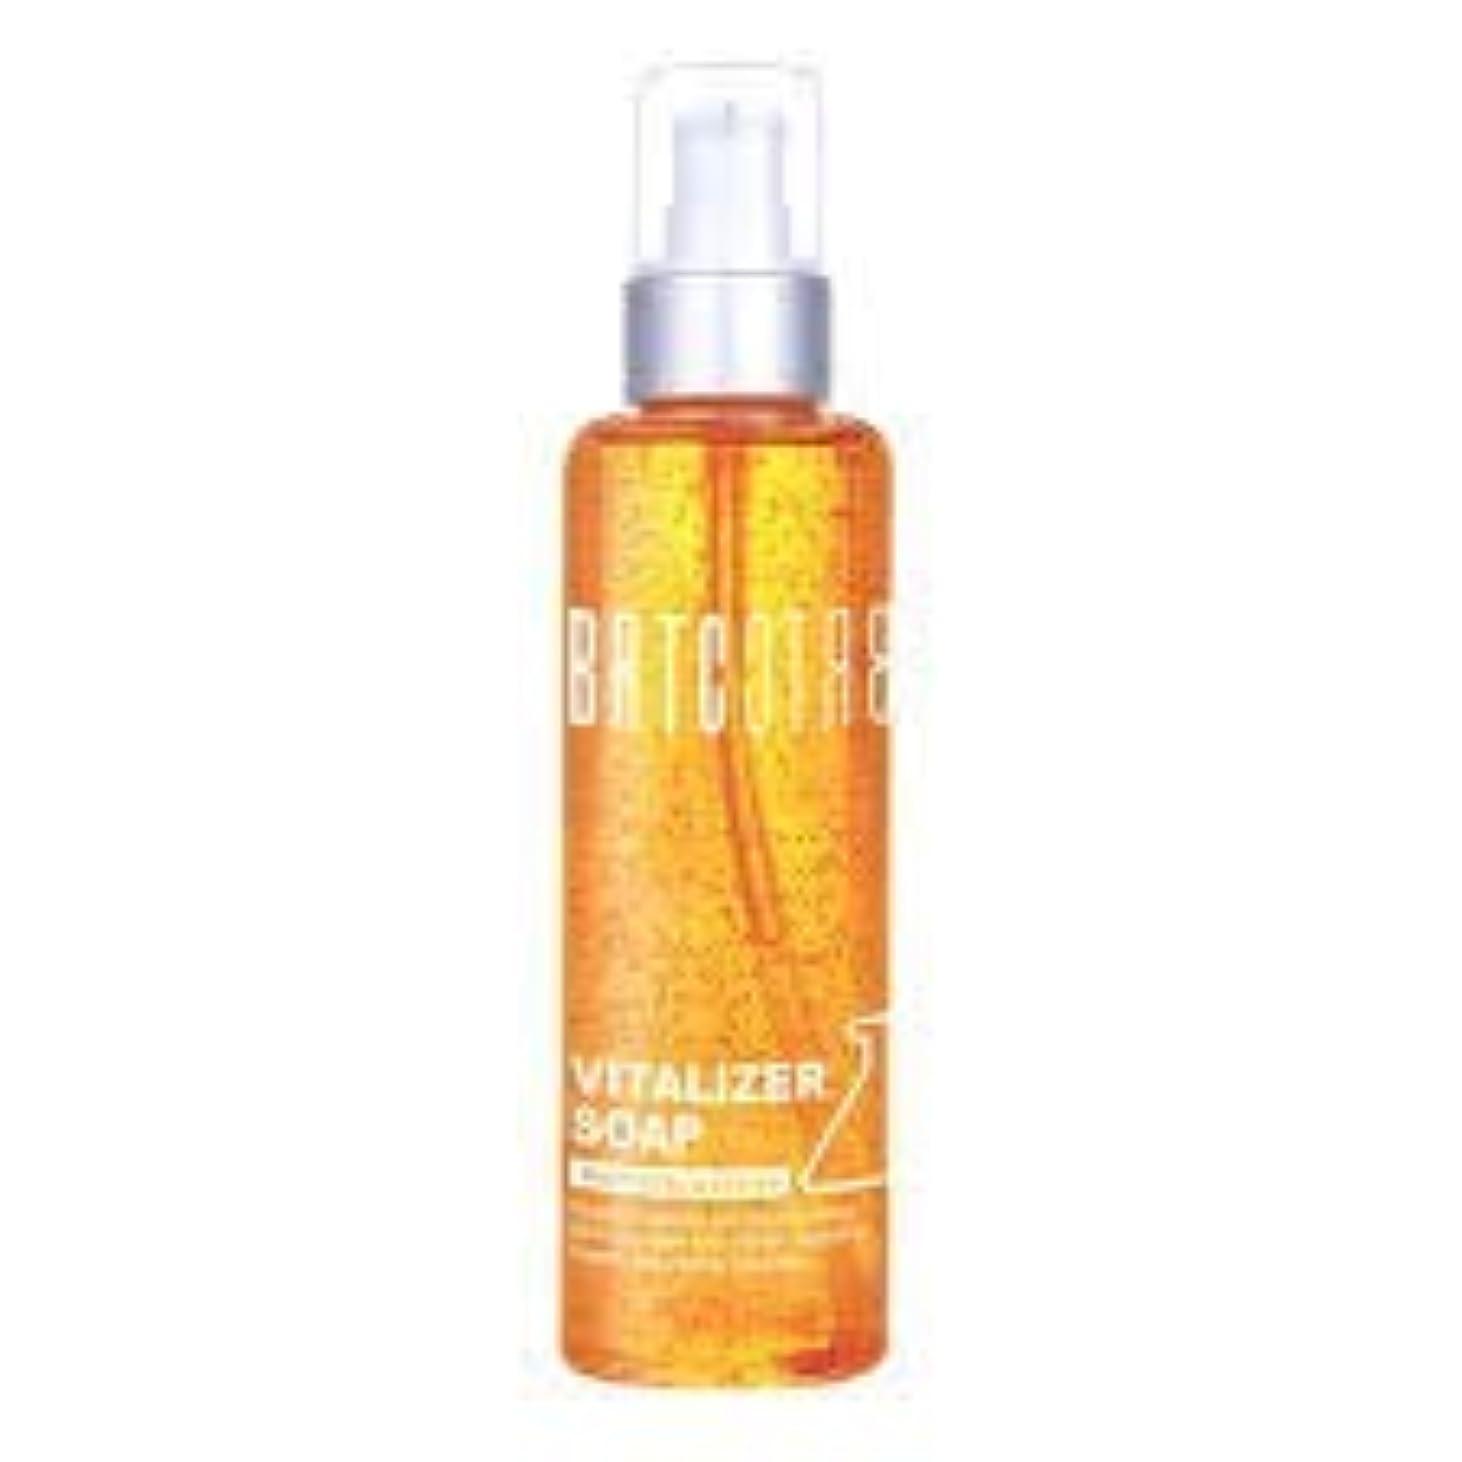 付ける論争的気を散らすBRTC バイタライザー石鹸200ml ビタミンカプセルは、健康で重要な肌を提示するために皮膚に浸透し、吸収します